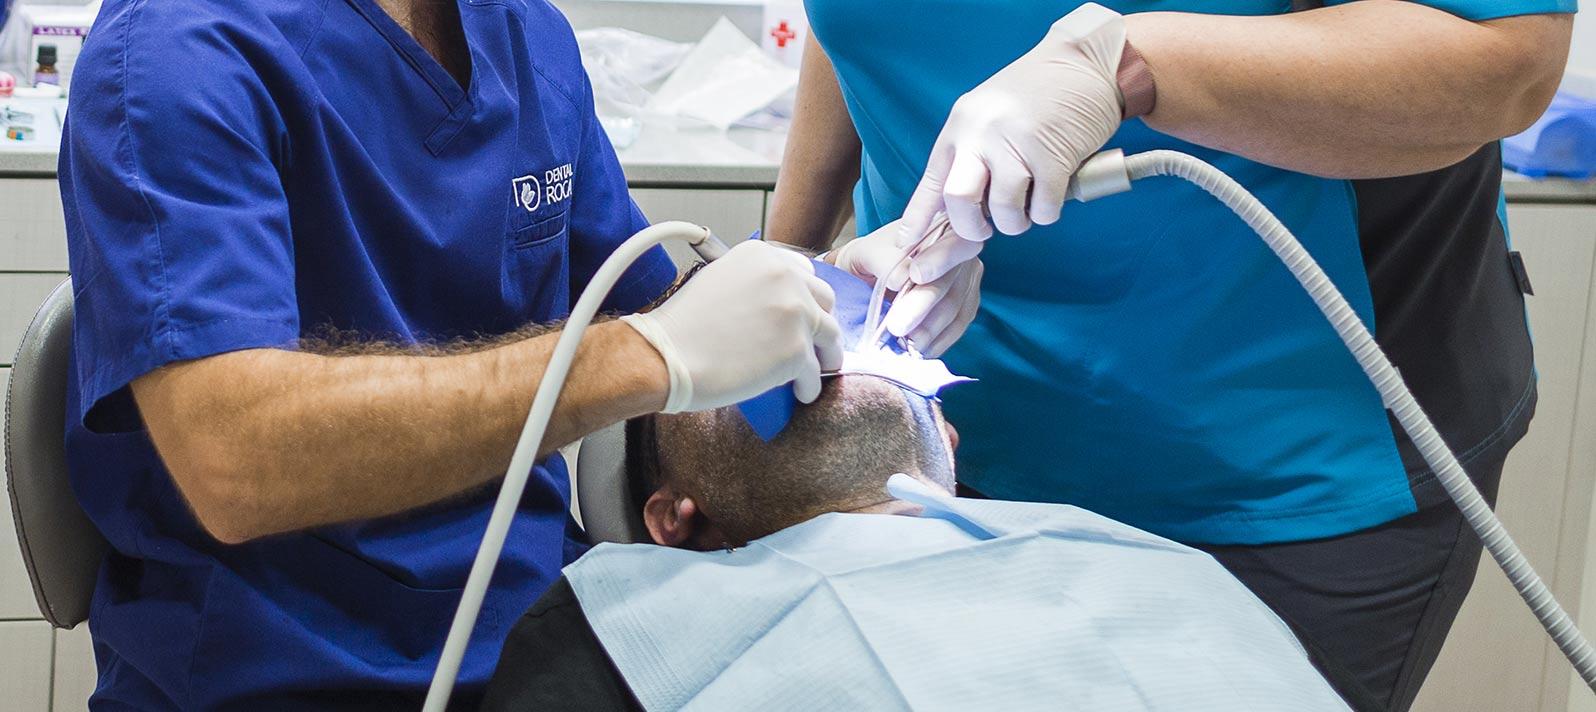 En nuestro centro odontológico realizamos prótesis dentales